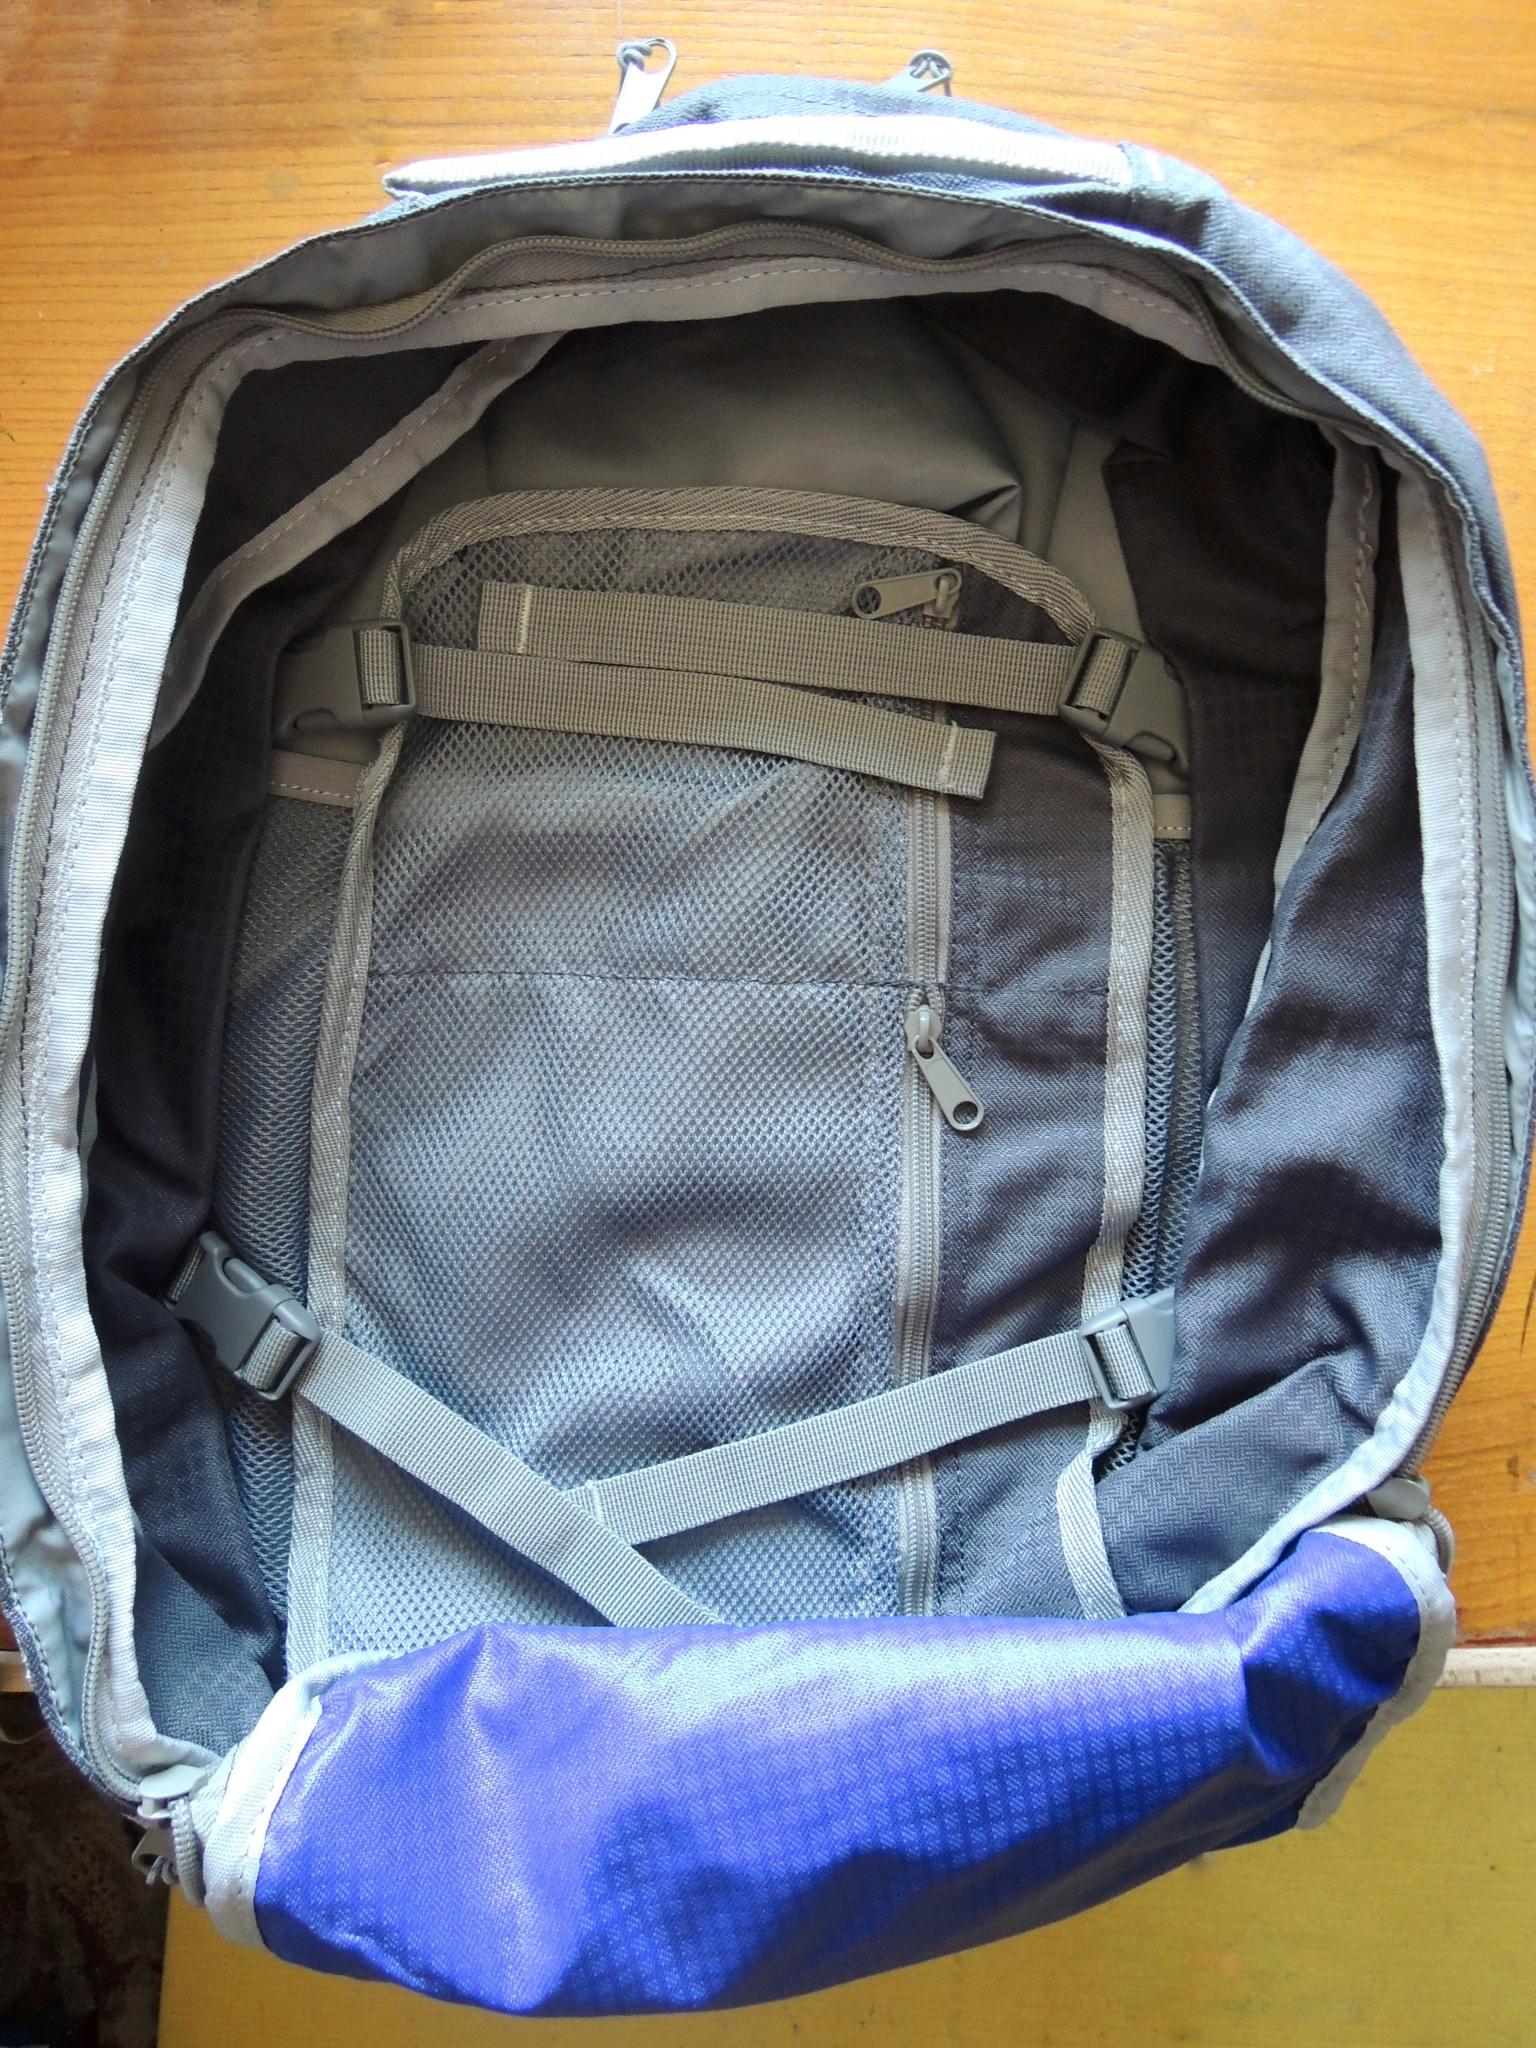 Nova tour рюкзак трэвел 35 v2 прорезиненный рюкзак